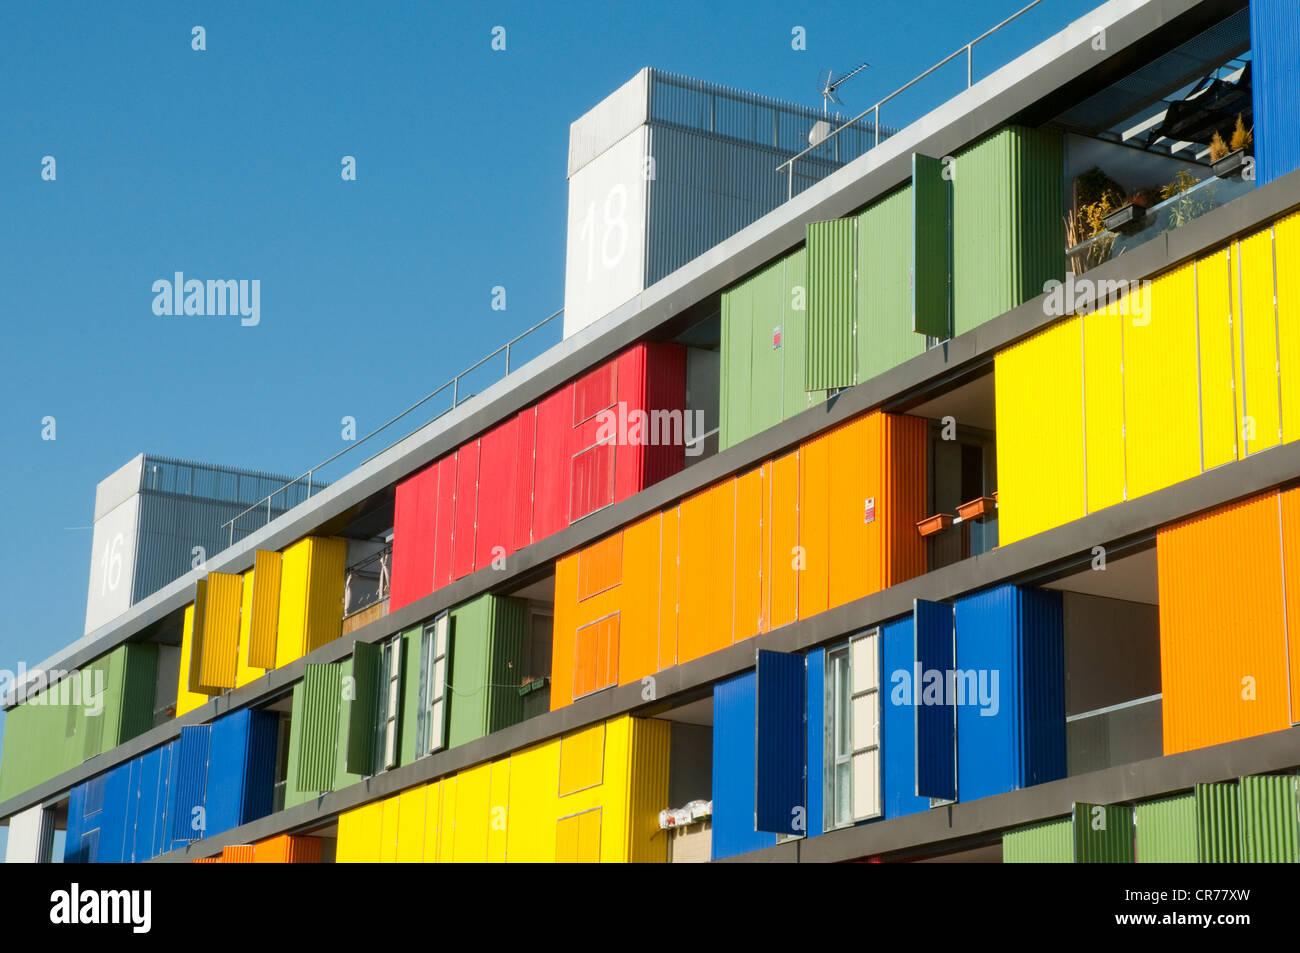 Fachada del edificio 17 de Carabanchel. PAU de Carabanchel, Madrid, España. Imagen De Stock